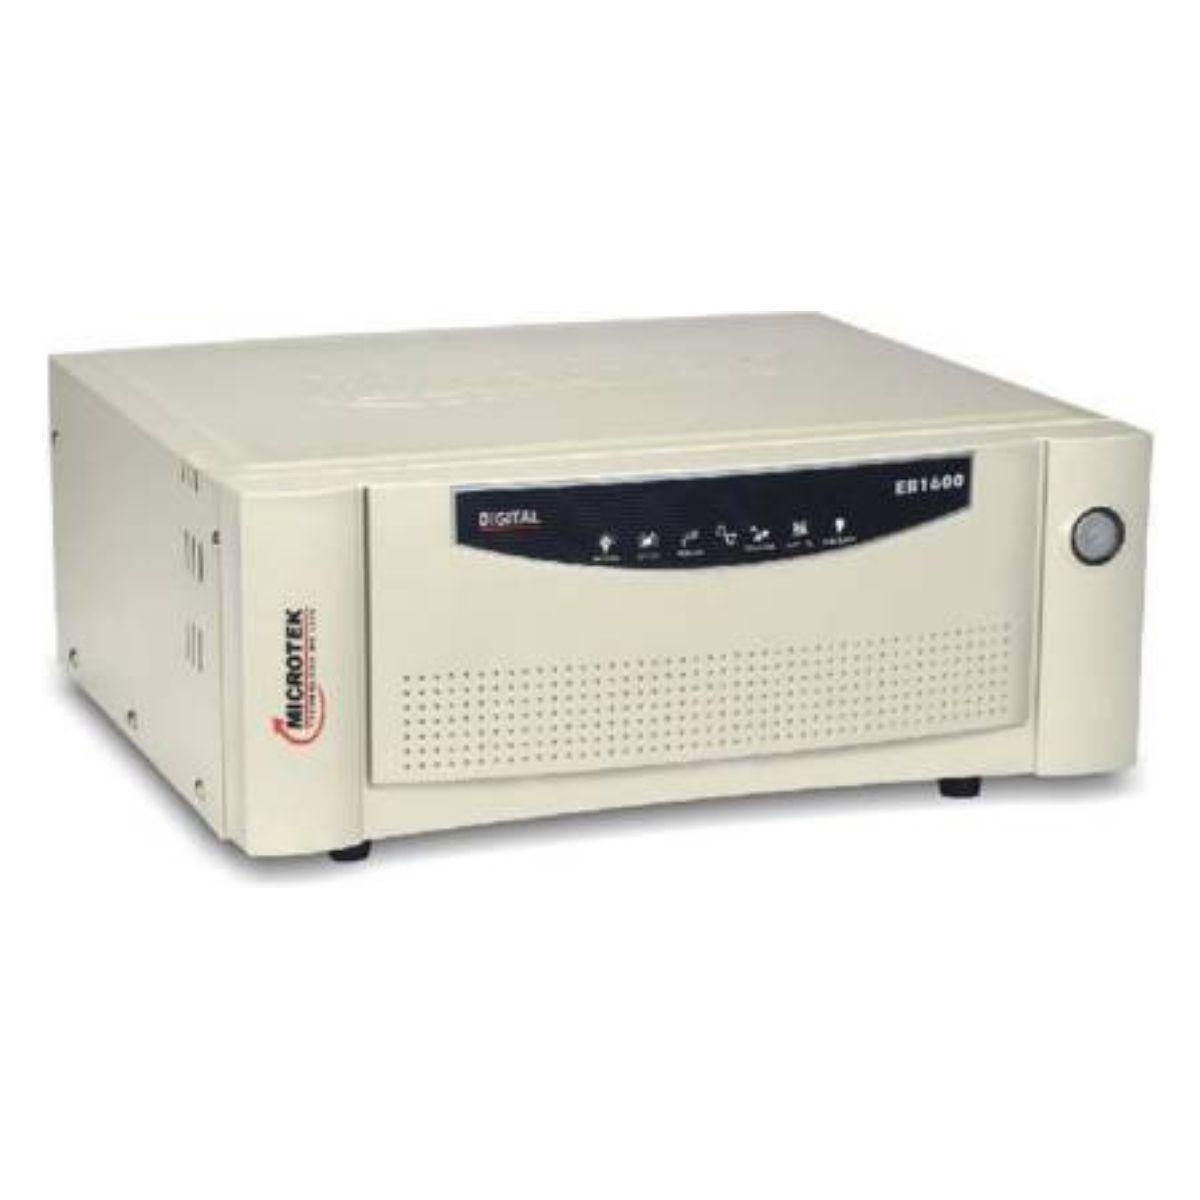 Microtek UPSEB 1600VA Square Wave Inverter